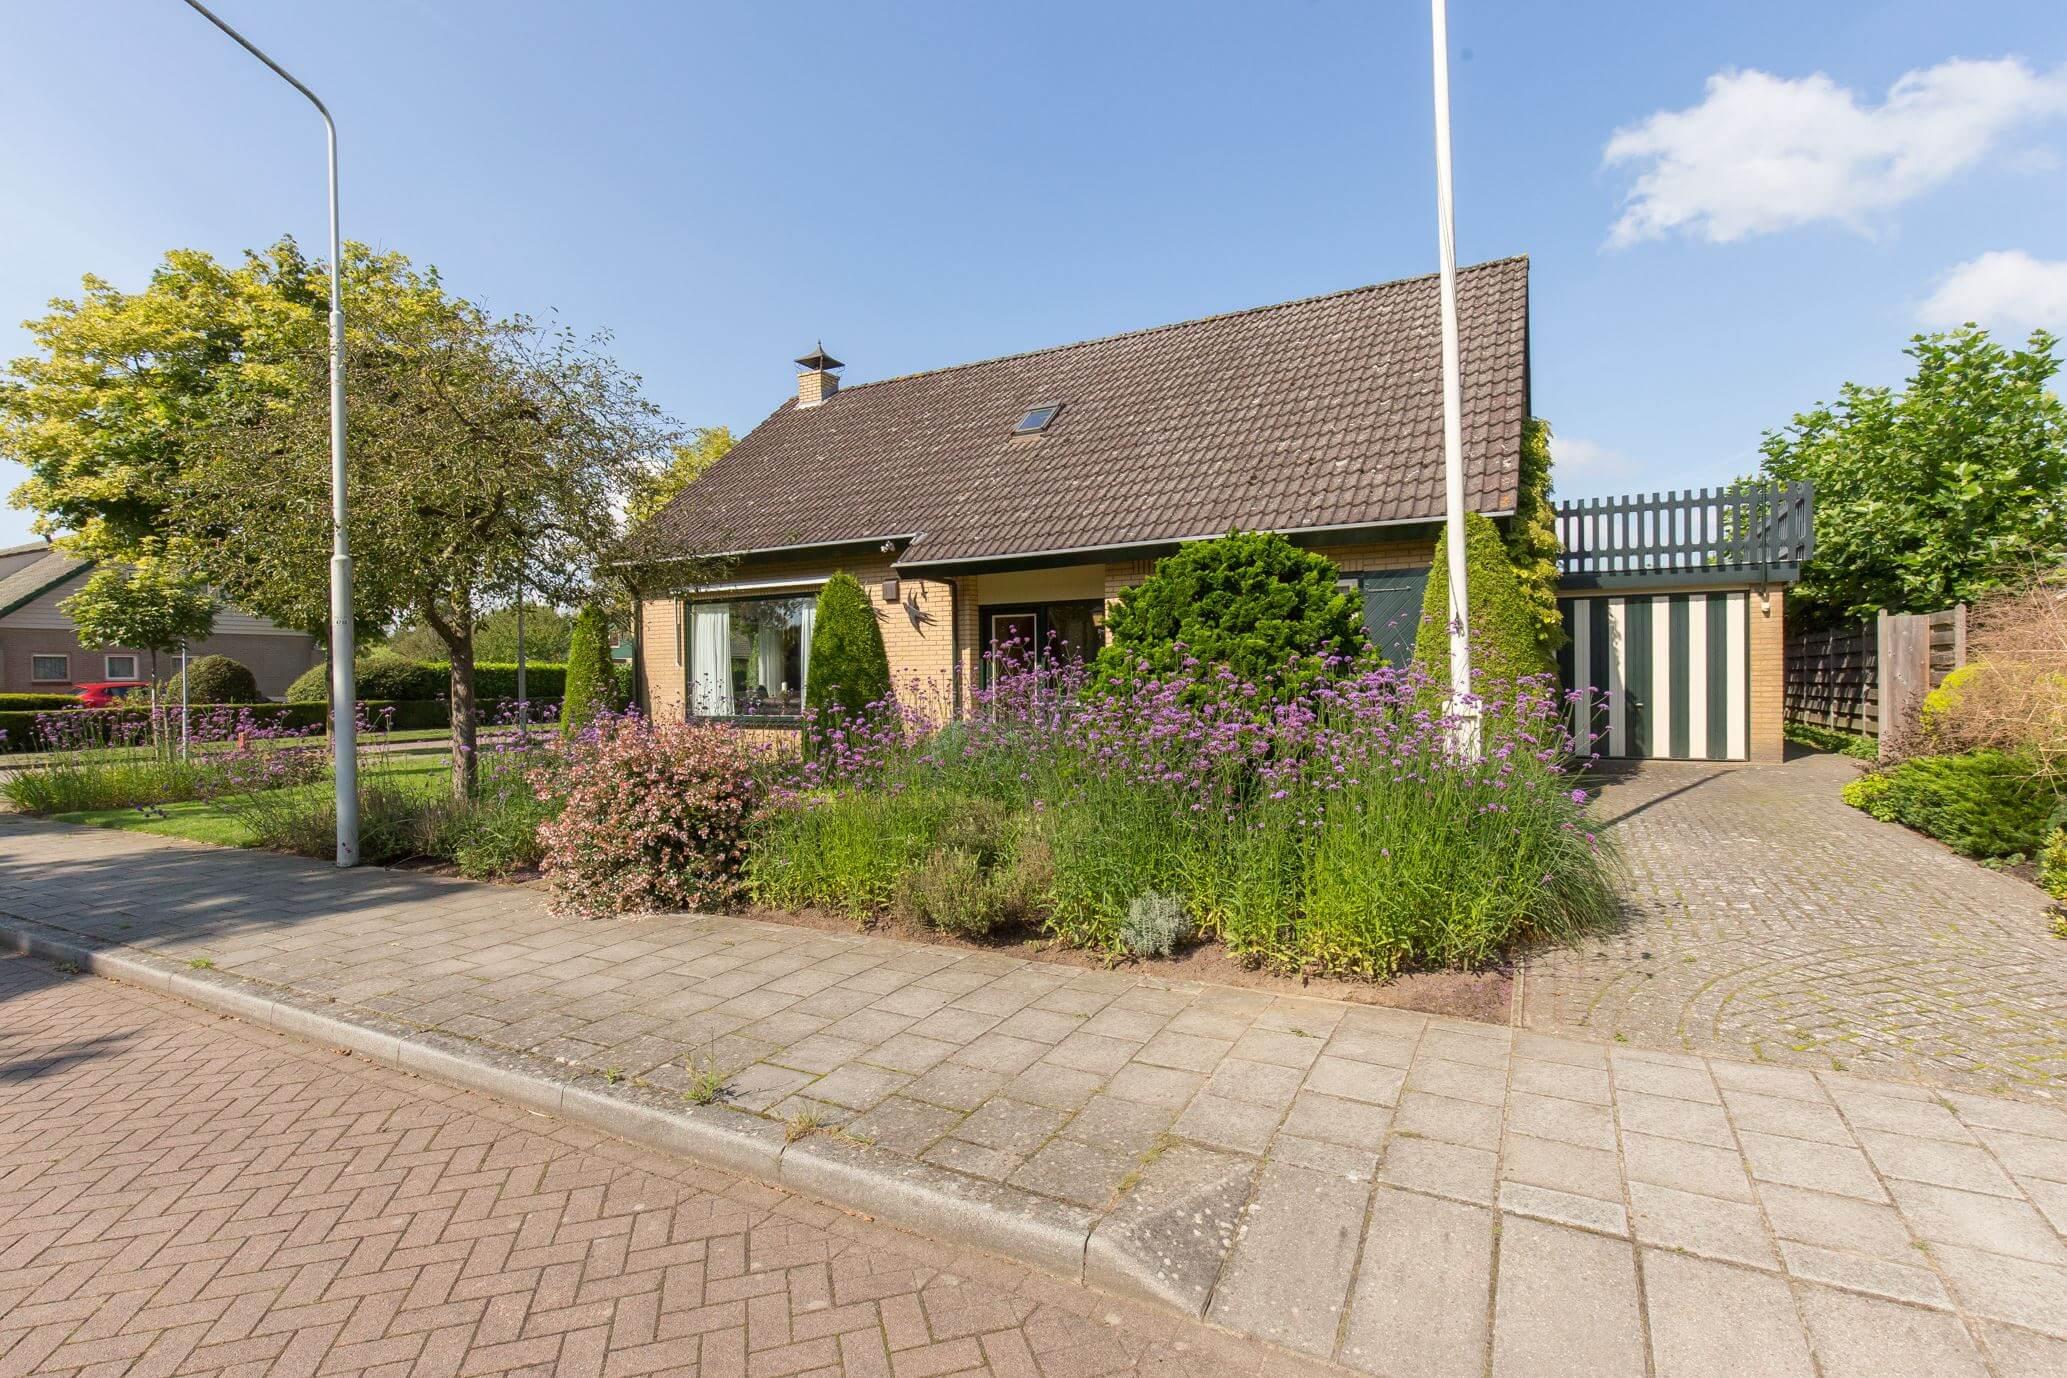 Vrijstaande semi-bungalow met rondom tuin en prachtig vrijblijvend uitzicht